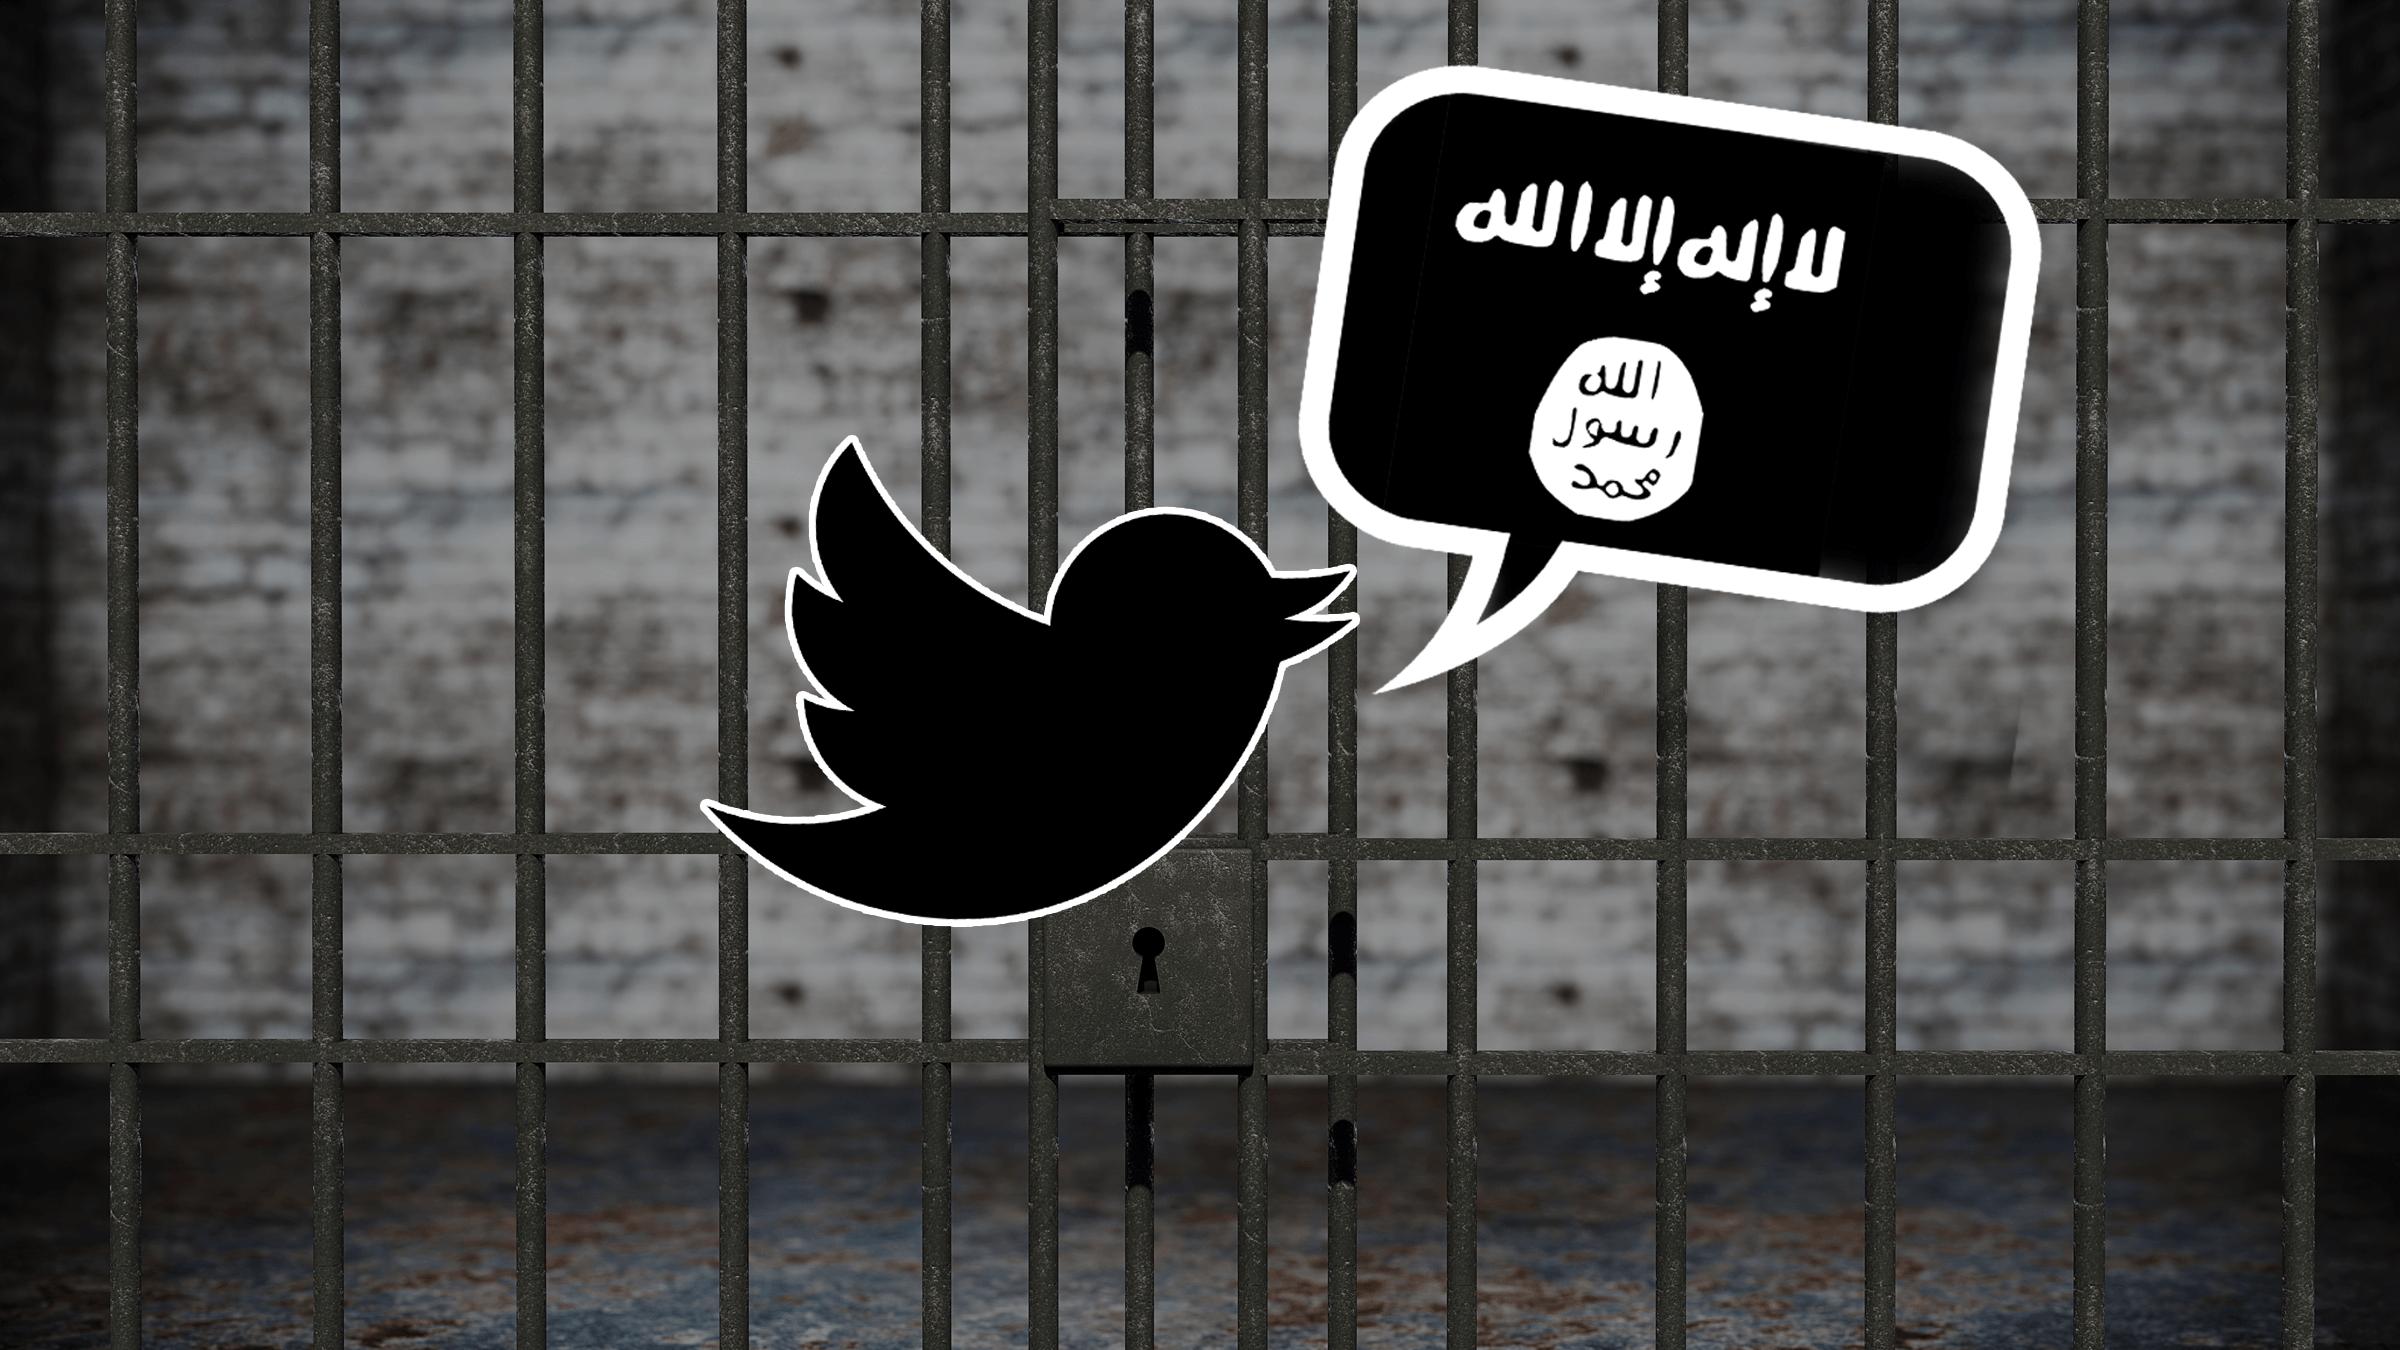 Sırada Erdoğan mı var?: Twitter 125 bin hesabı askıya aldı